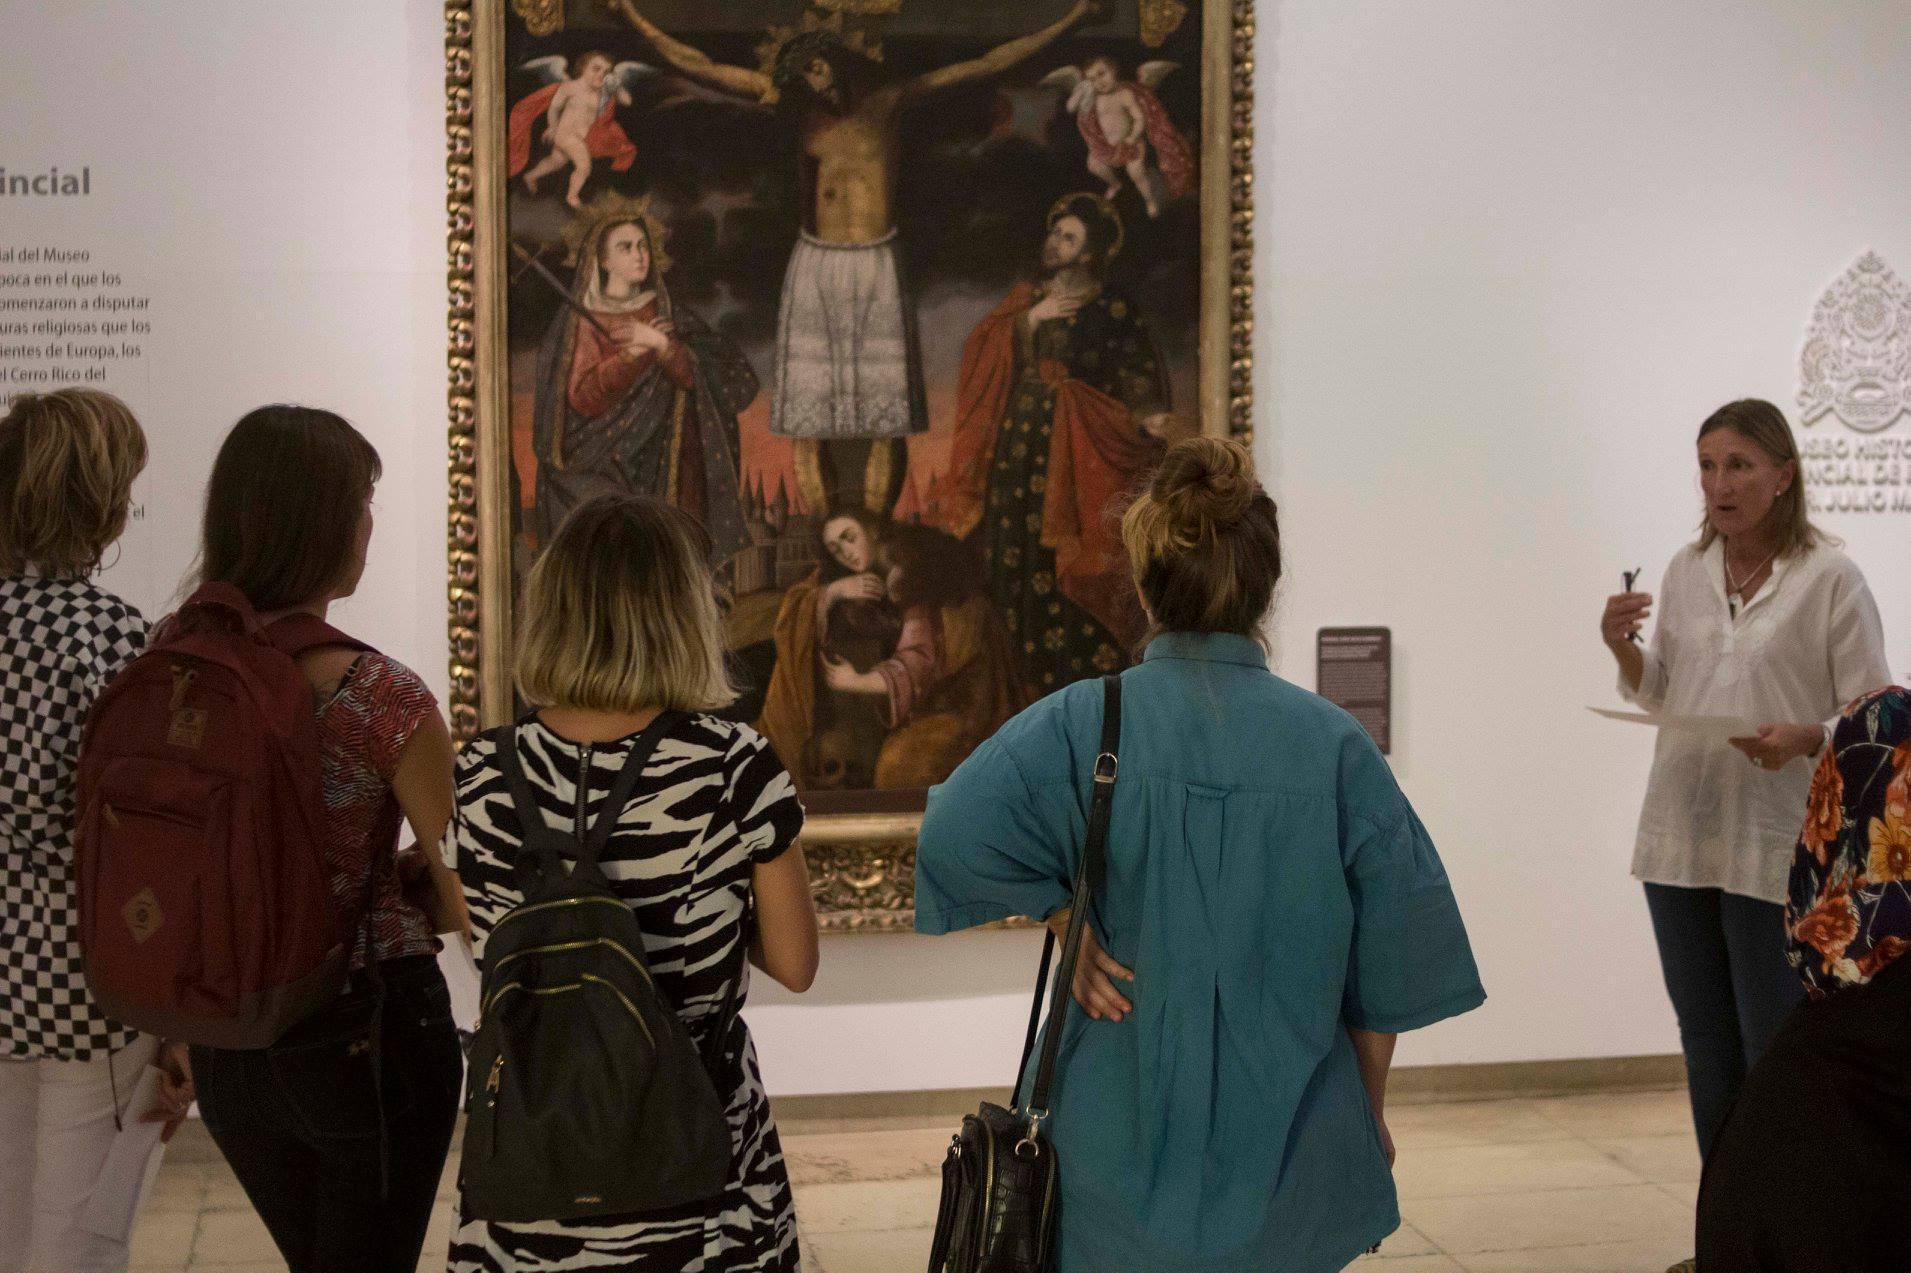 Los artistas hicieron un recorrido por las colecciones que deberán reinterpretar.